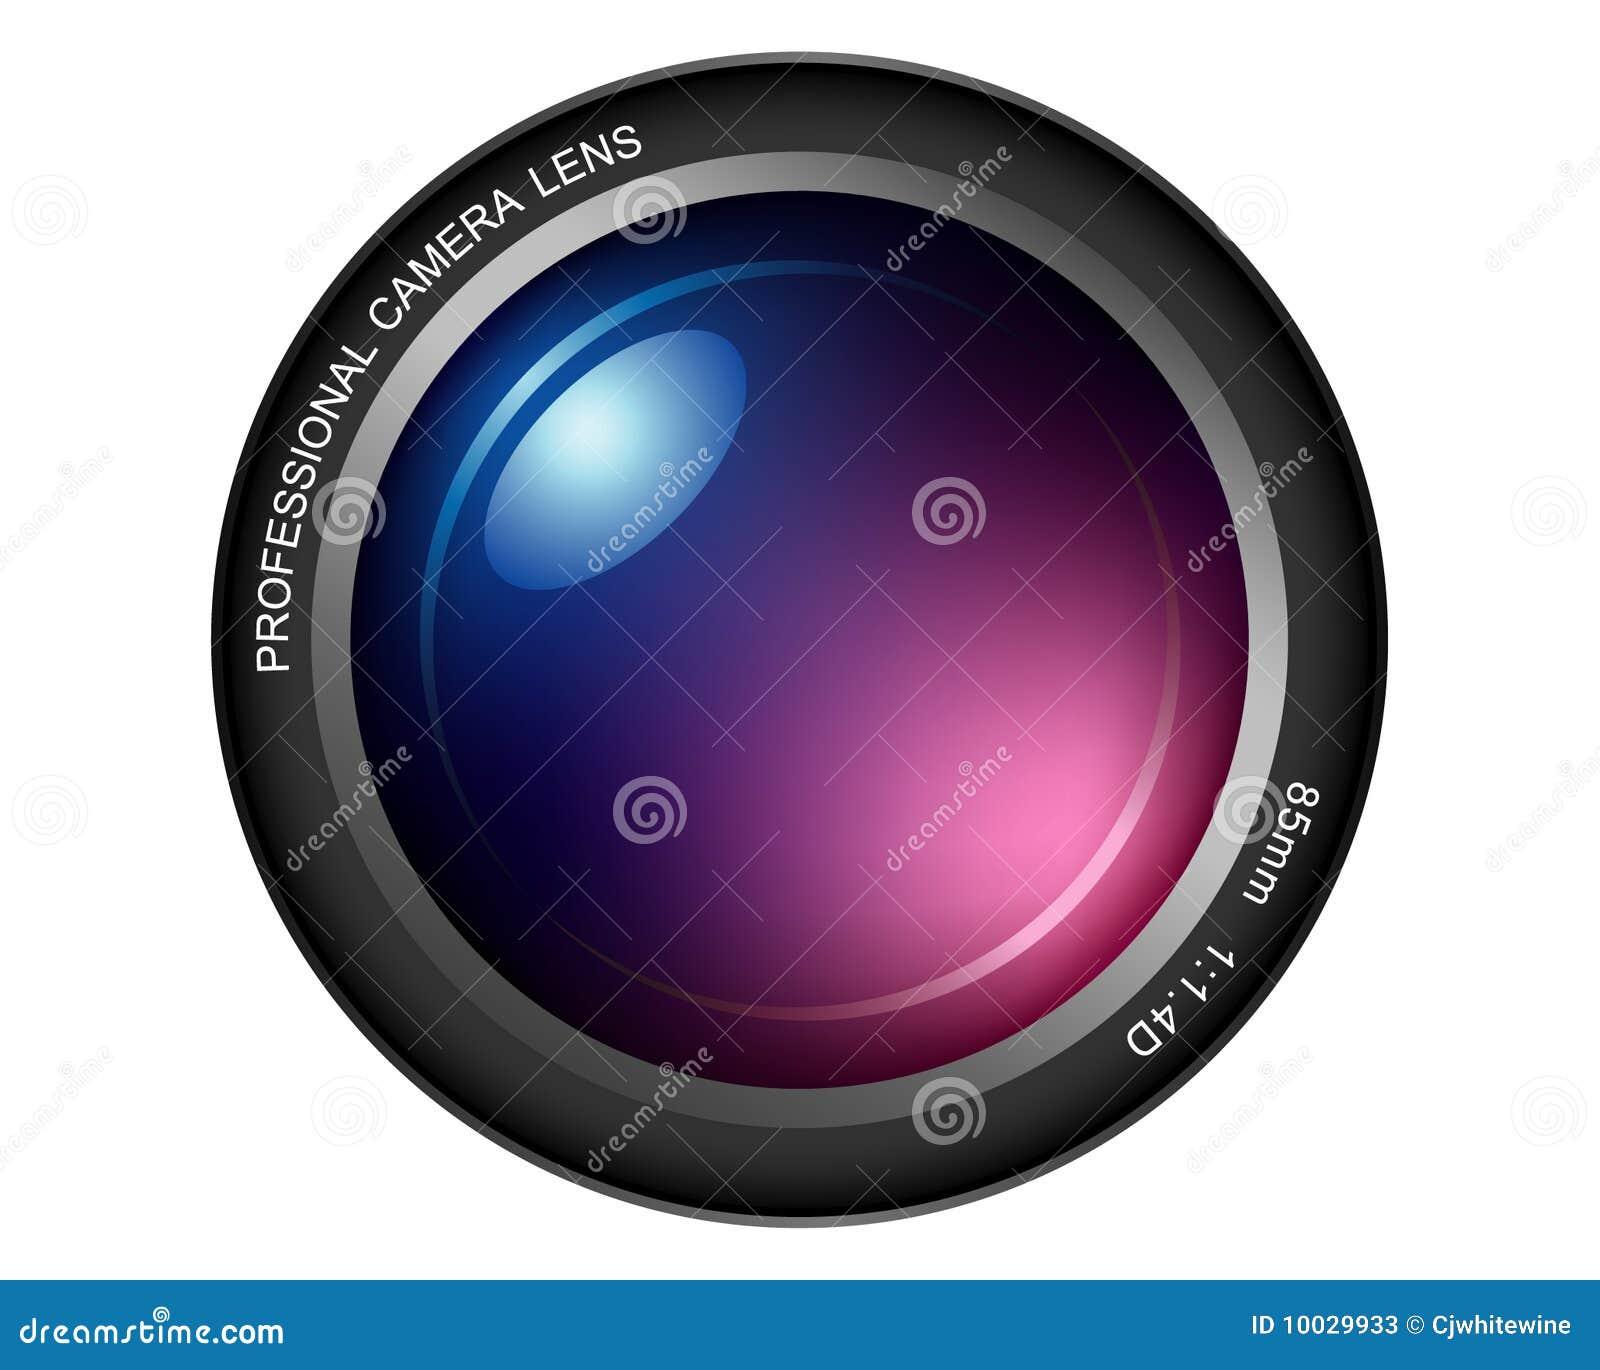 Lieux de rencontre lens